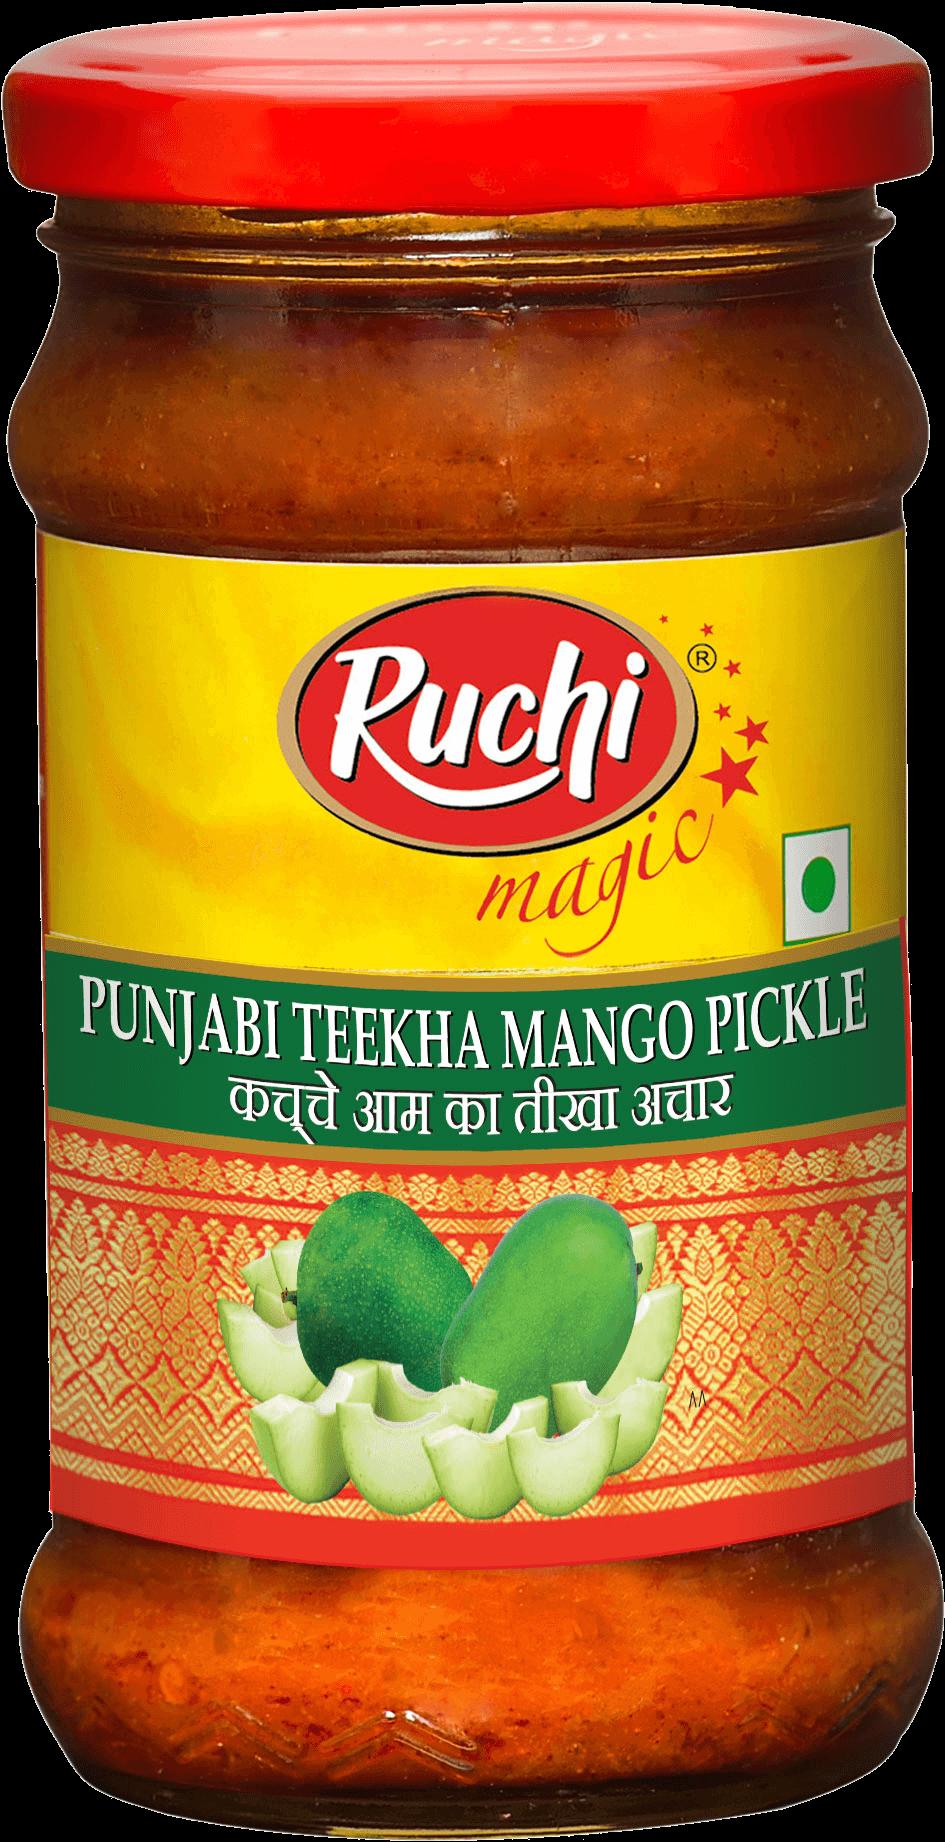 Ruchi – Punjabi Teekha Mango